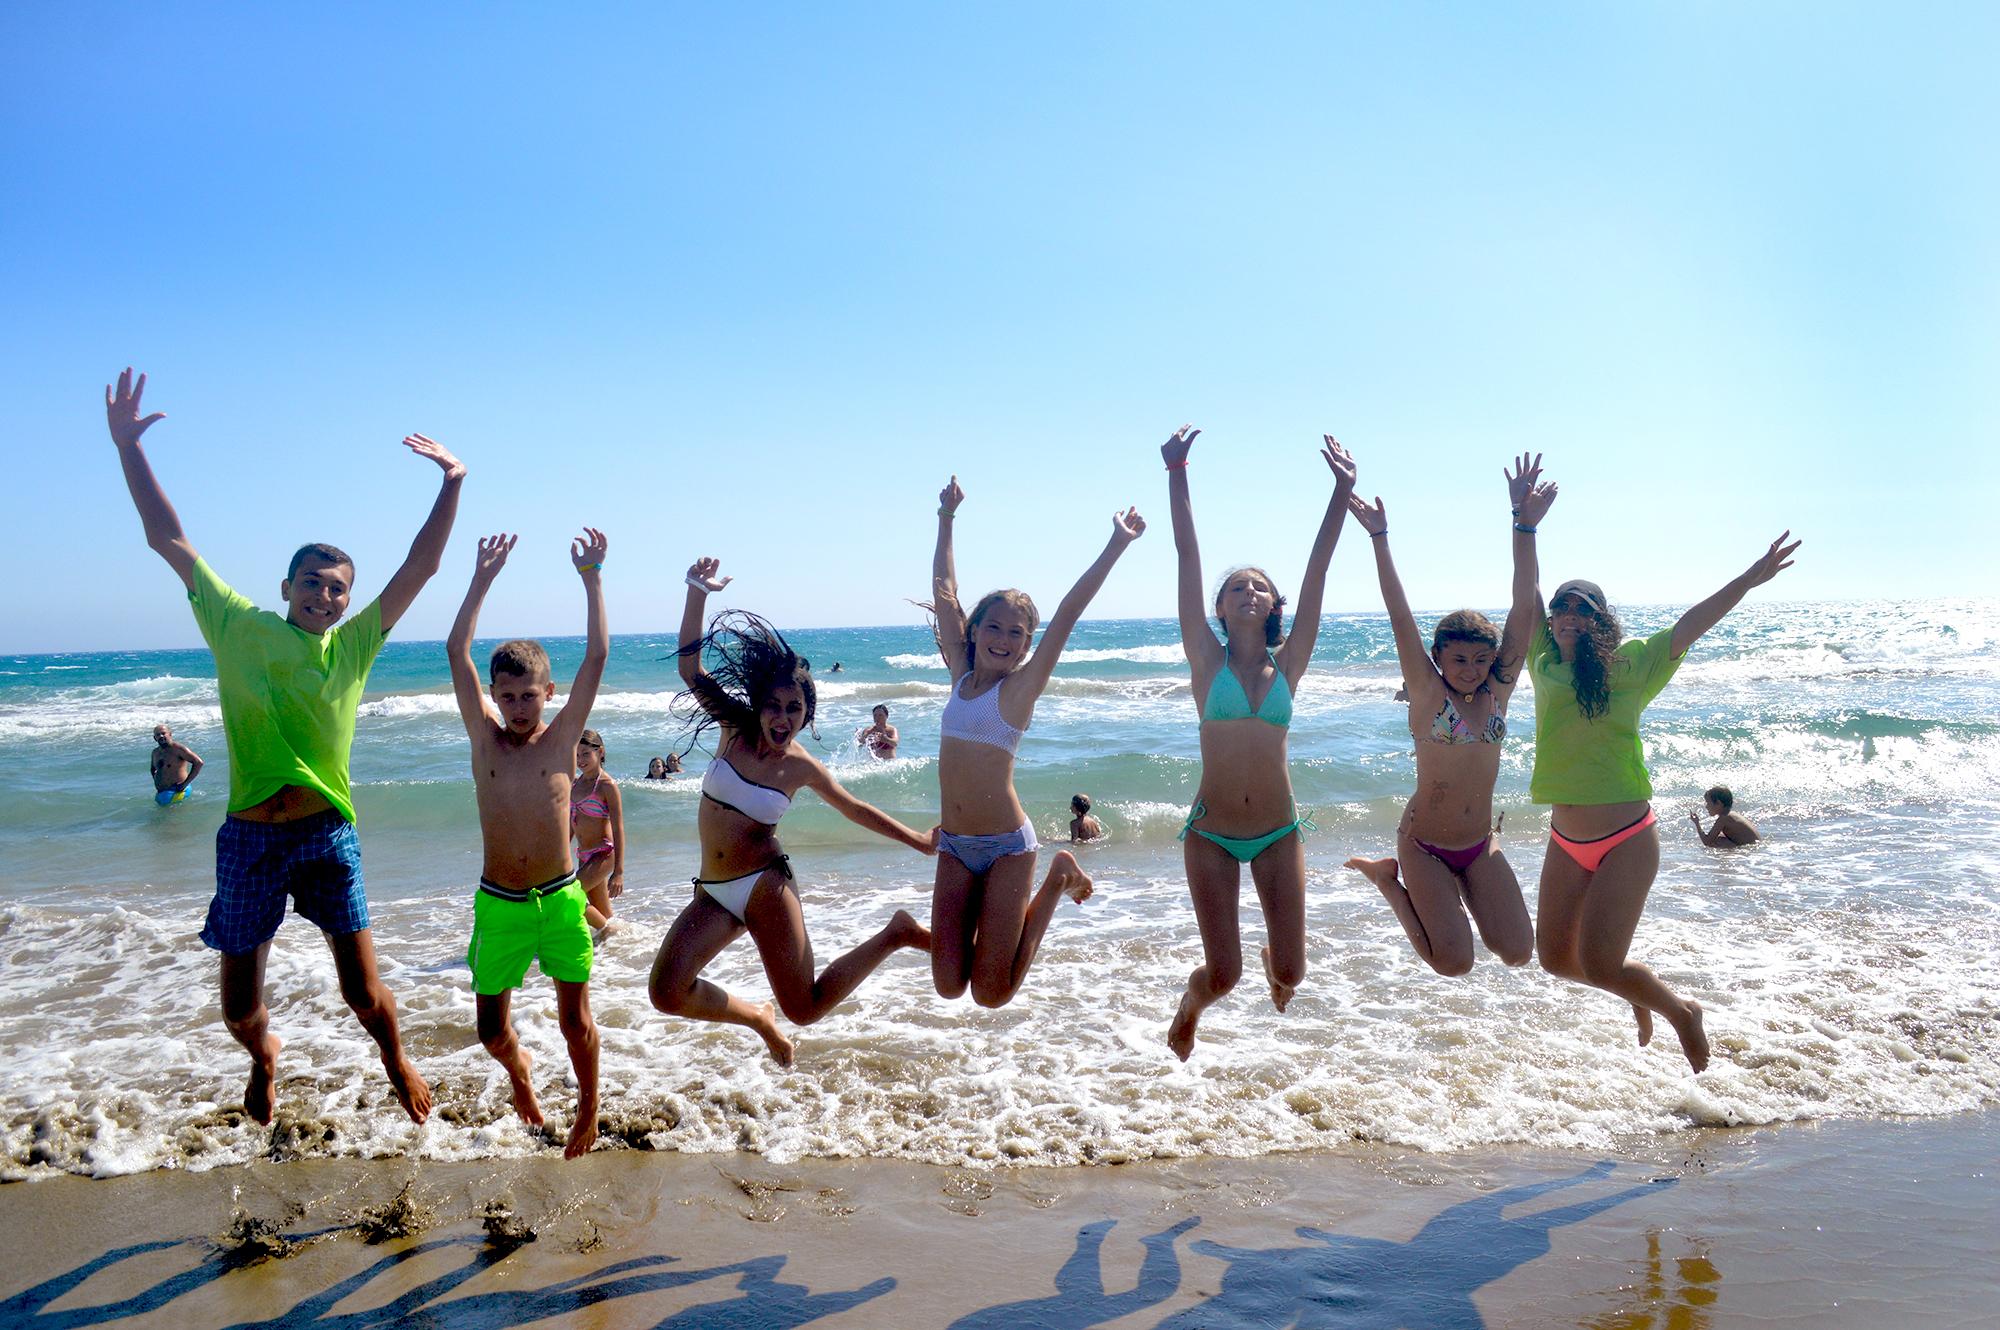 Дети в купальниках на пляже прыгают вверх